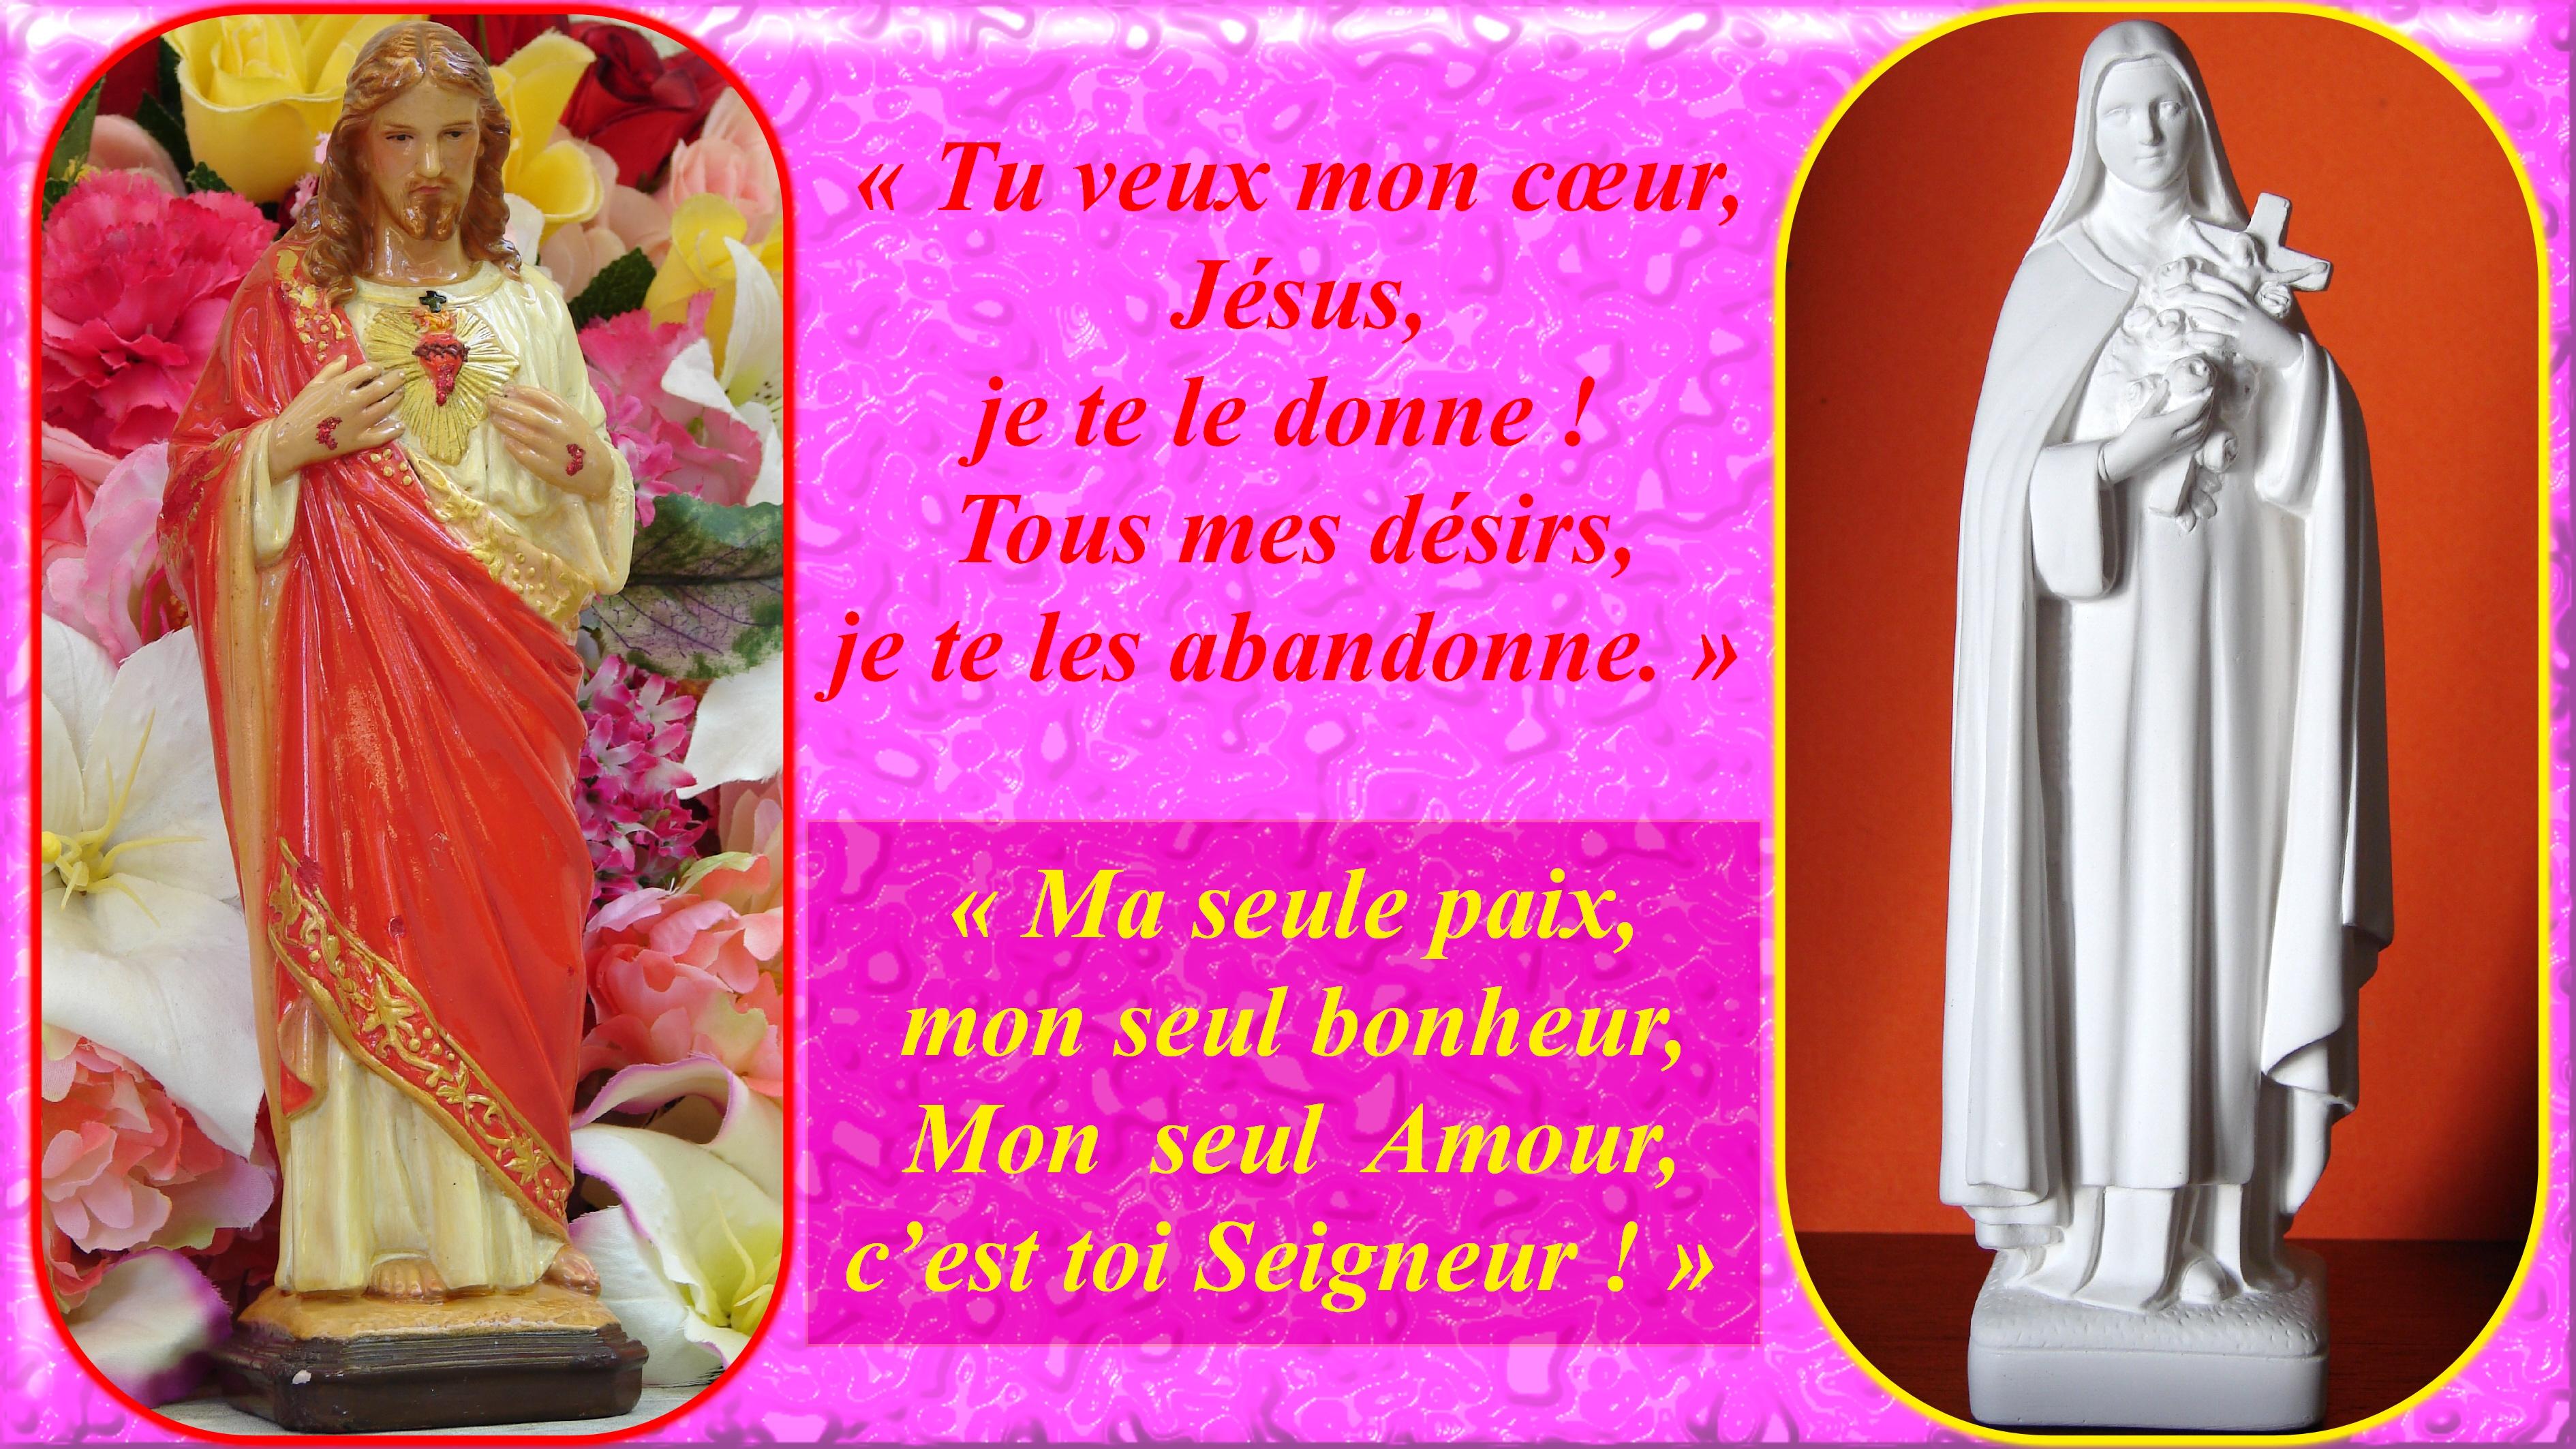 ACTE d'OFFRANDE à l'AMOUR MISÉRICORDIEUX du BON DIEU (Sainte Thérèse de l'Enfant-Jésus) Le-sacr--coeur-st...nt-j-sus-556a78e